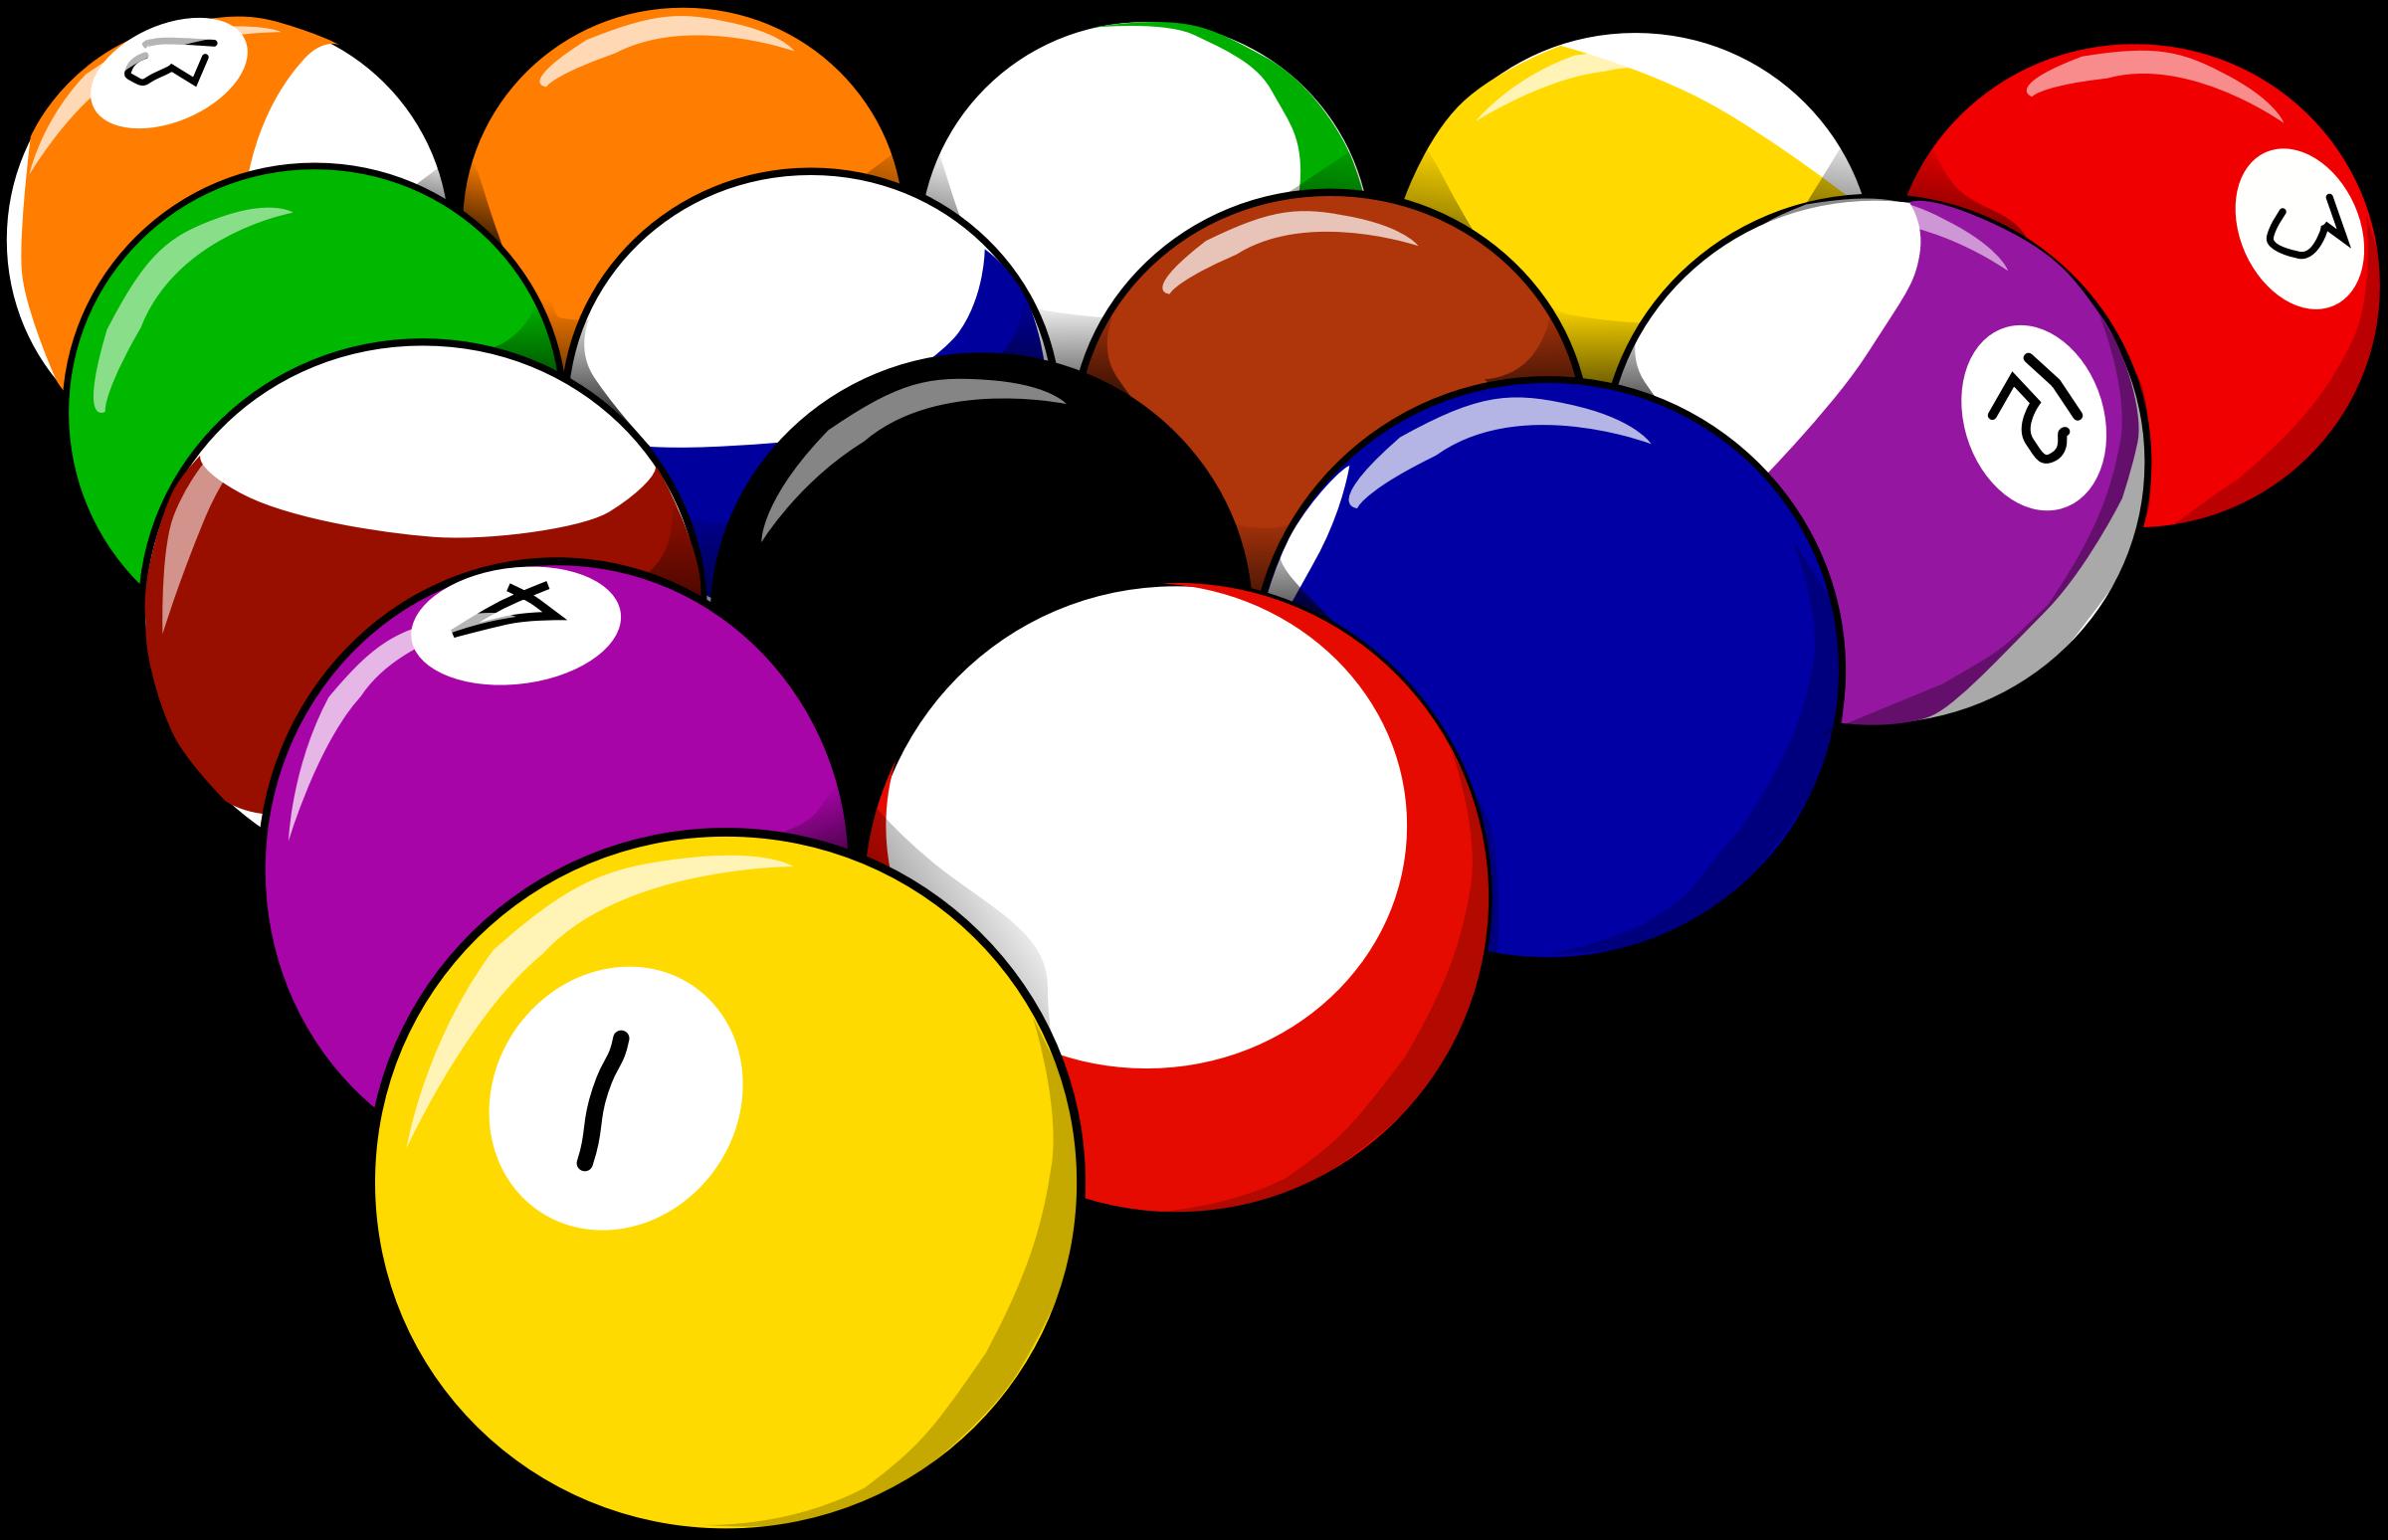 Balls big image png. Game clipart tournament